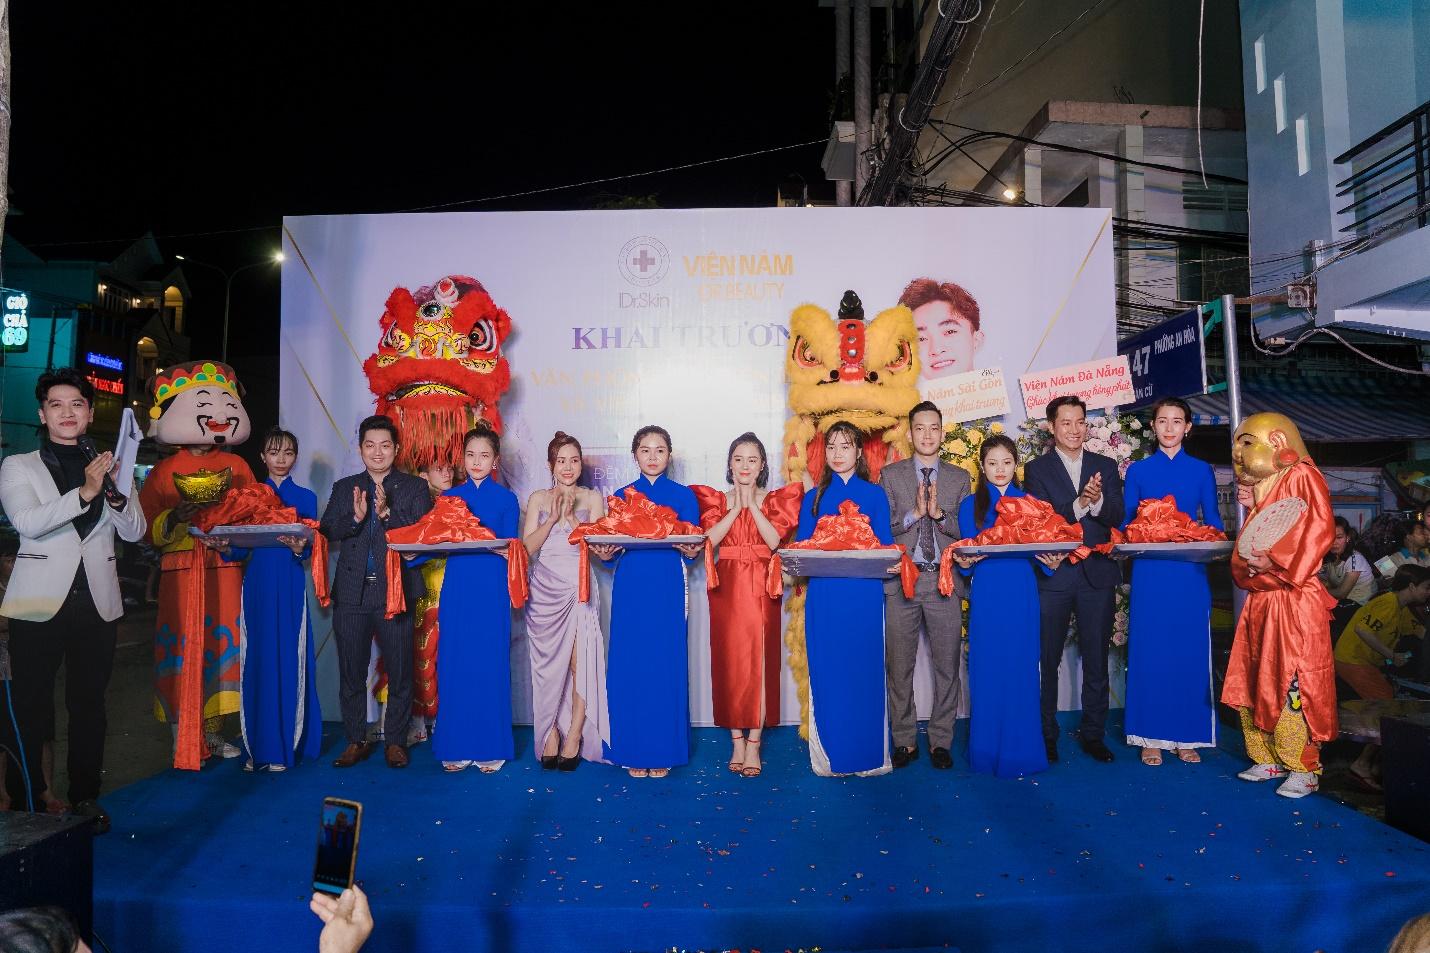 iDr.Skin tại 149 Ngyễn Văn Cừ, An Hòa, Ninh Kiều, thành phố Cần Thơ sẽ phục vụ nhu cầu làm đẹp của chị em.